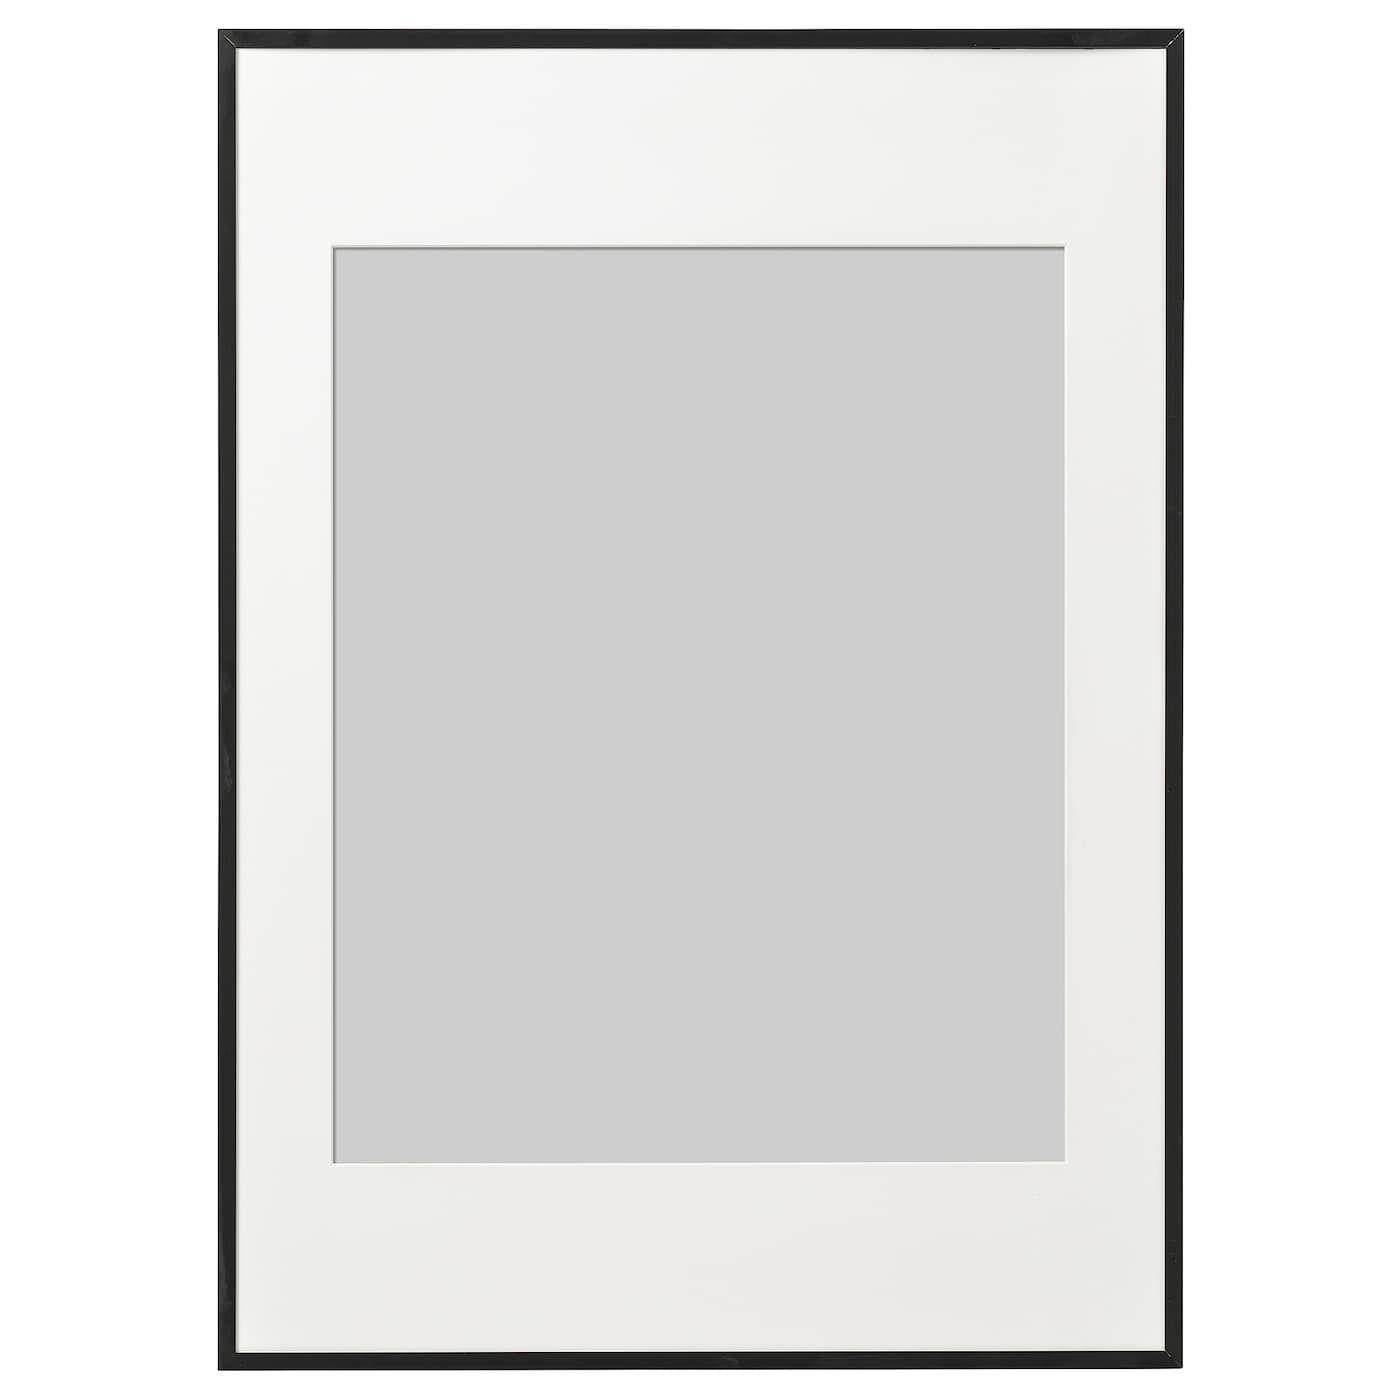 Lomviken Ramka Czarny 50x70 Cm Dowiedz Sie Wiecej Ikea Frame Metal Photo Frames Decorating With Pictures